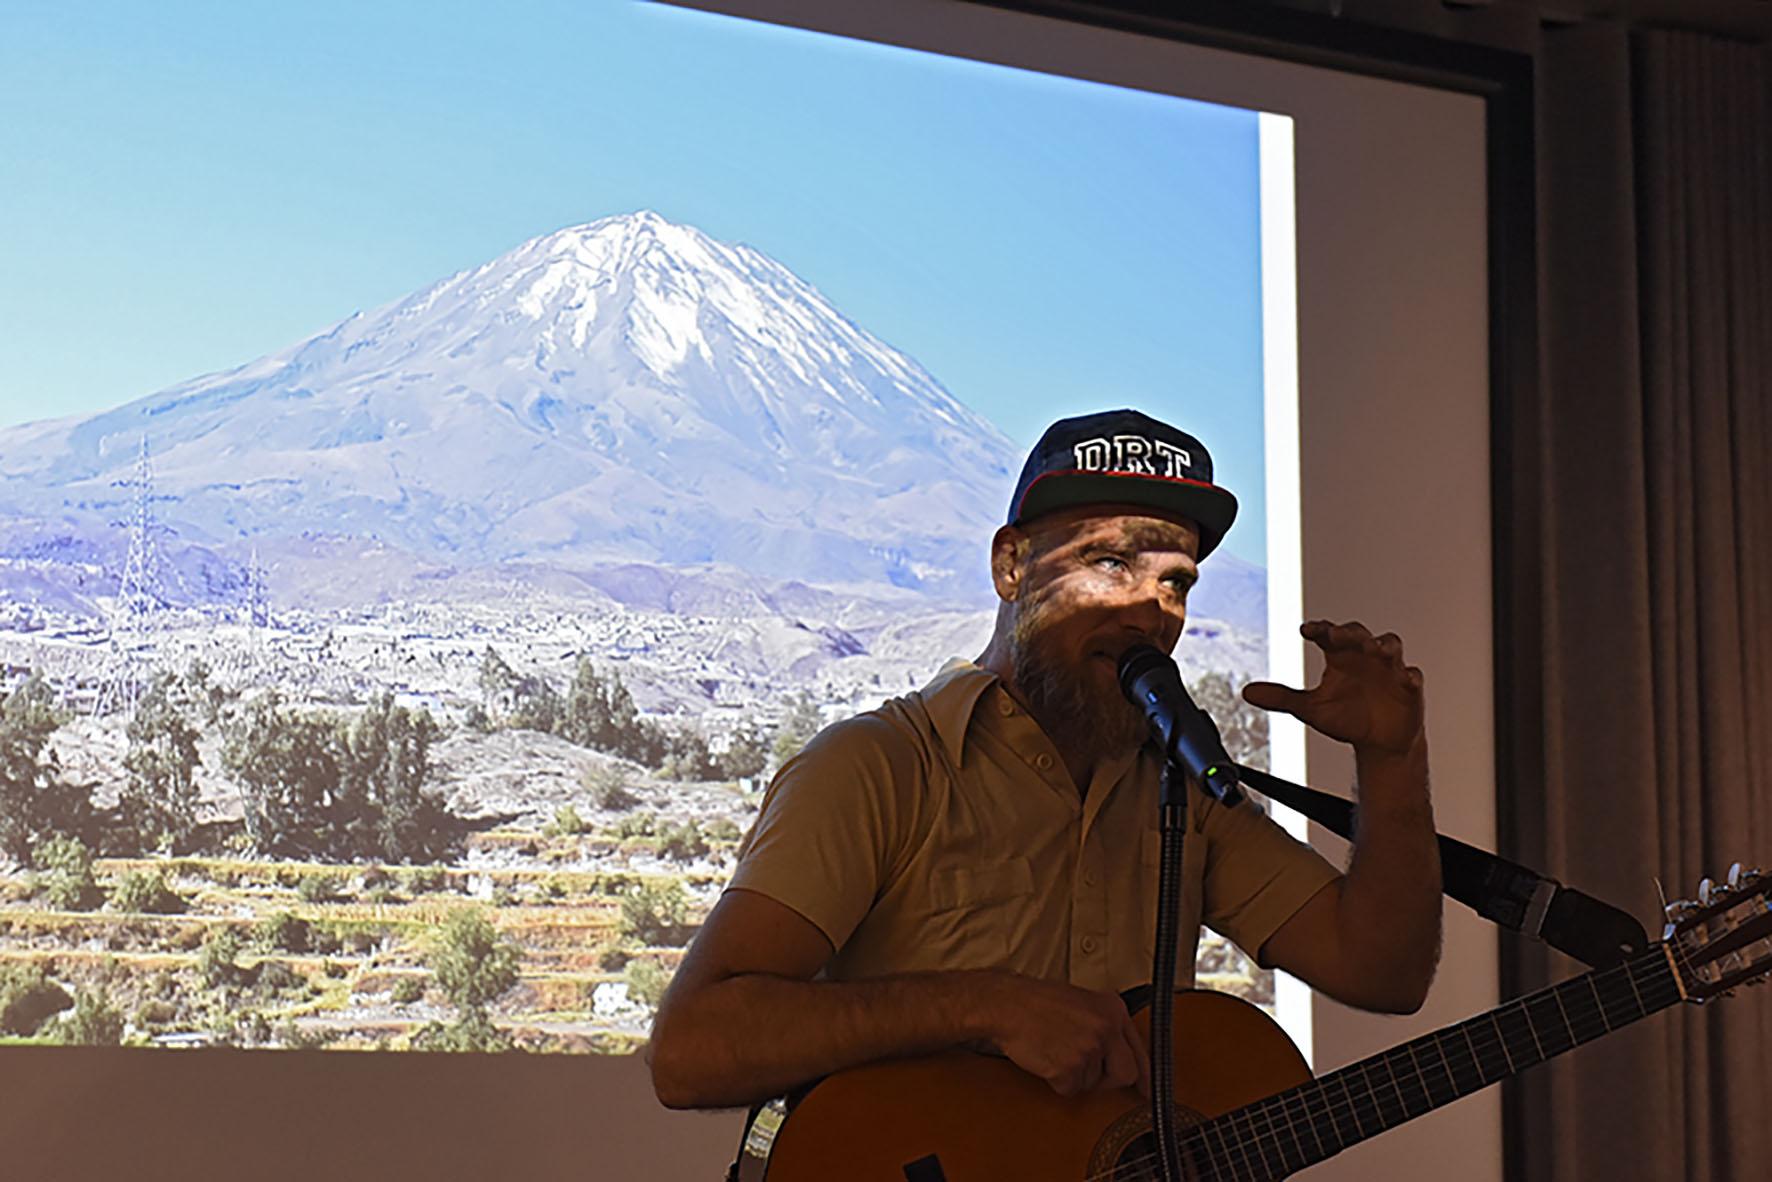 Ein Sänger mit Gitarre steht vor der Leinwand, auf die ein Foto eines Vulkans projiziert ist.